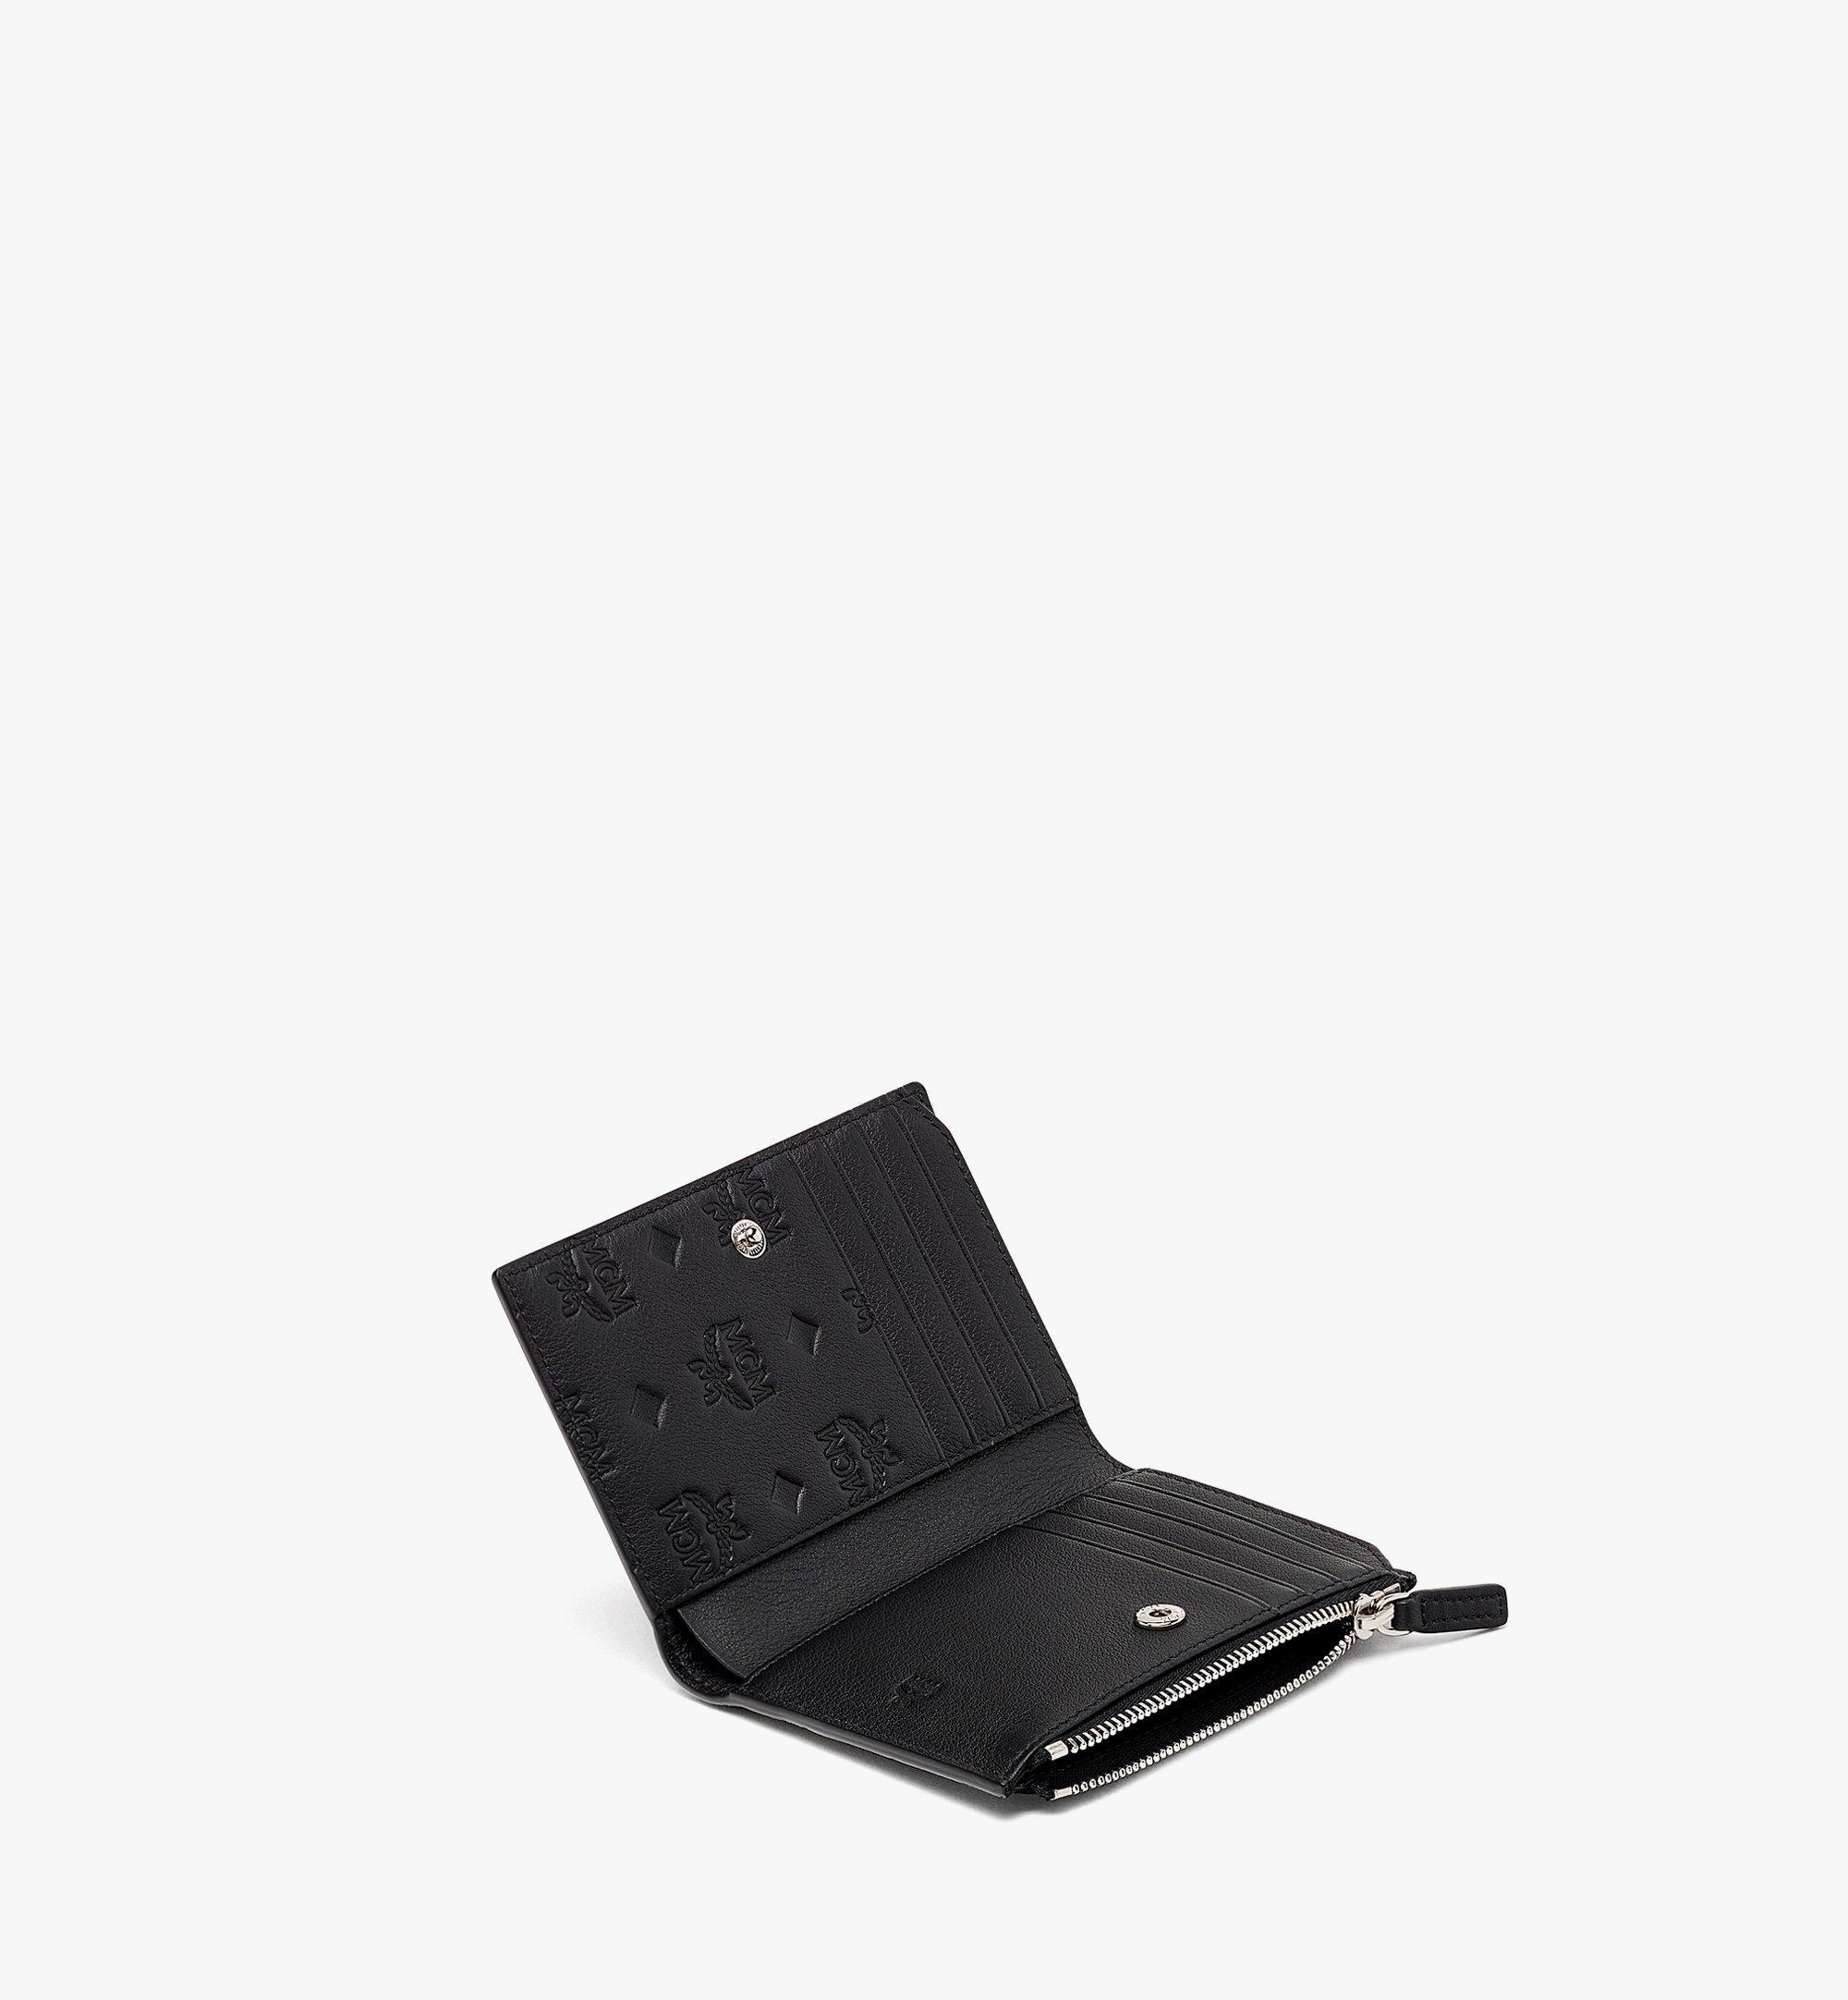 MCM Klara Gefaltete Brieftasche aus Leder mit Monogramm und Kartenfächern Black MXSBAKM01BK001 Noch mehr sehen 1